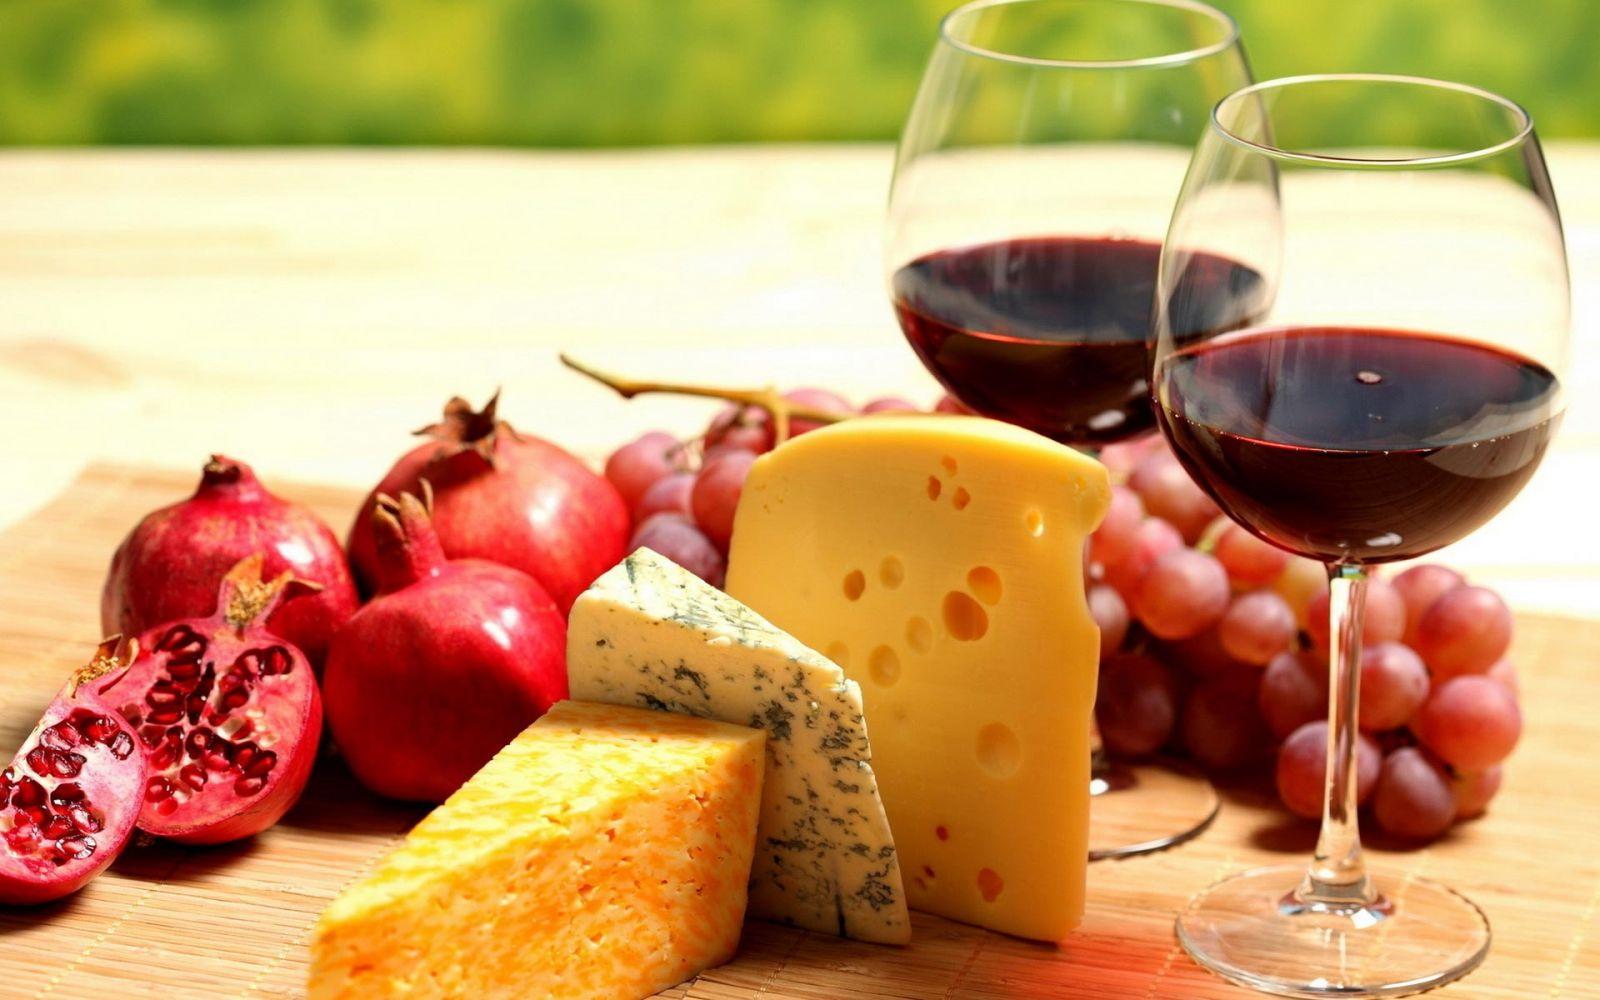 Алкогольная диета для похудения: отзывы, меню диеты с алкоголем, рецепты